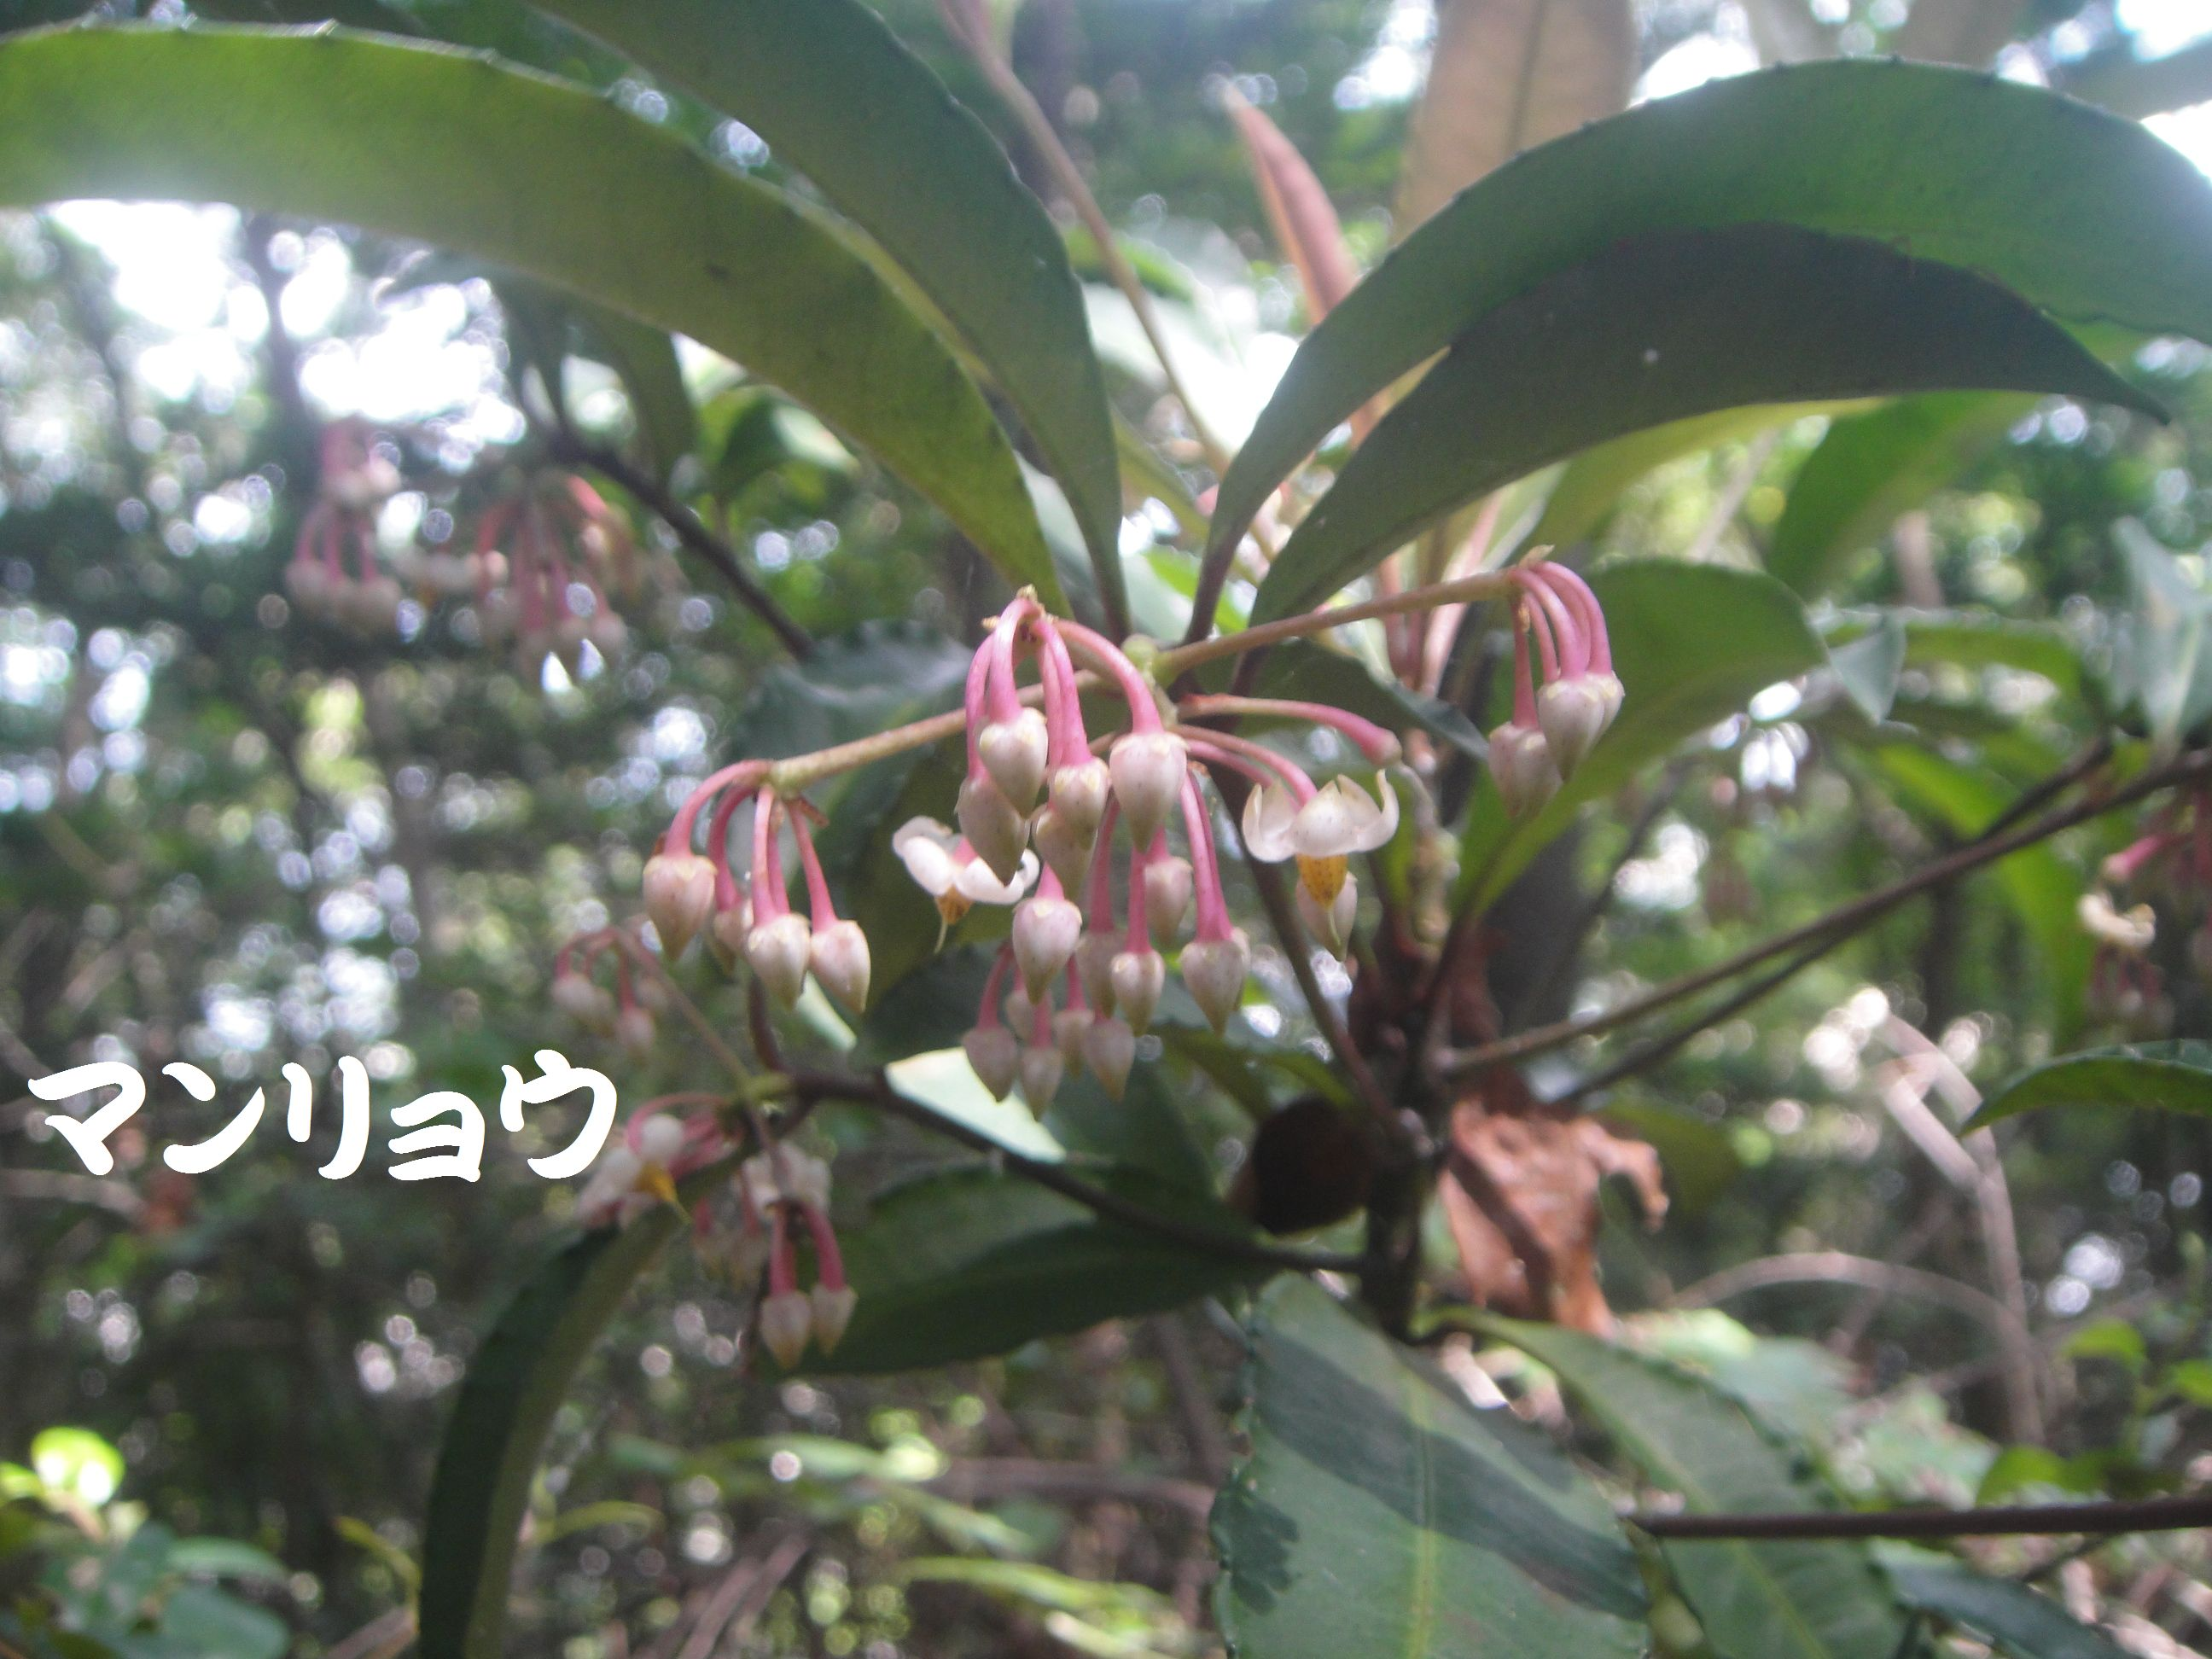 トンボソウとコクランに出会えました in うみべの森を育てる会植物観察     by     (TATE-misaki)_c0108460_17394513.jpg